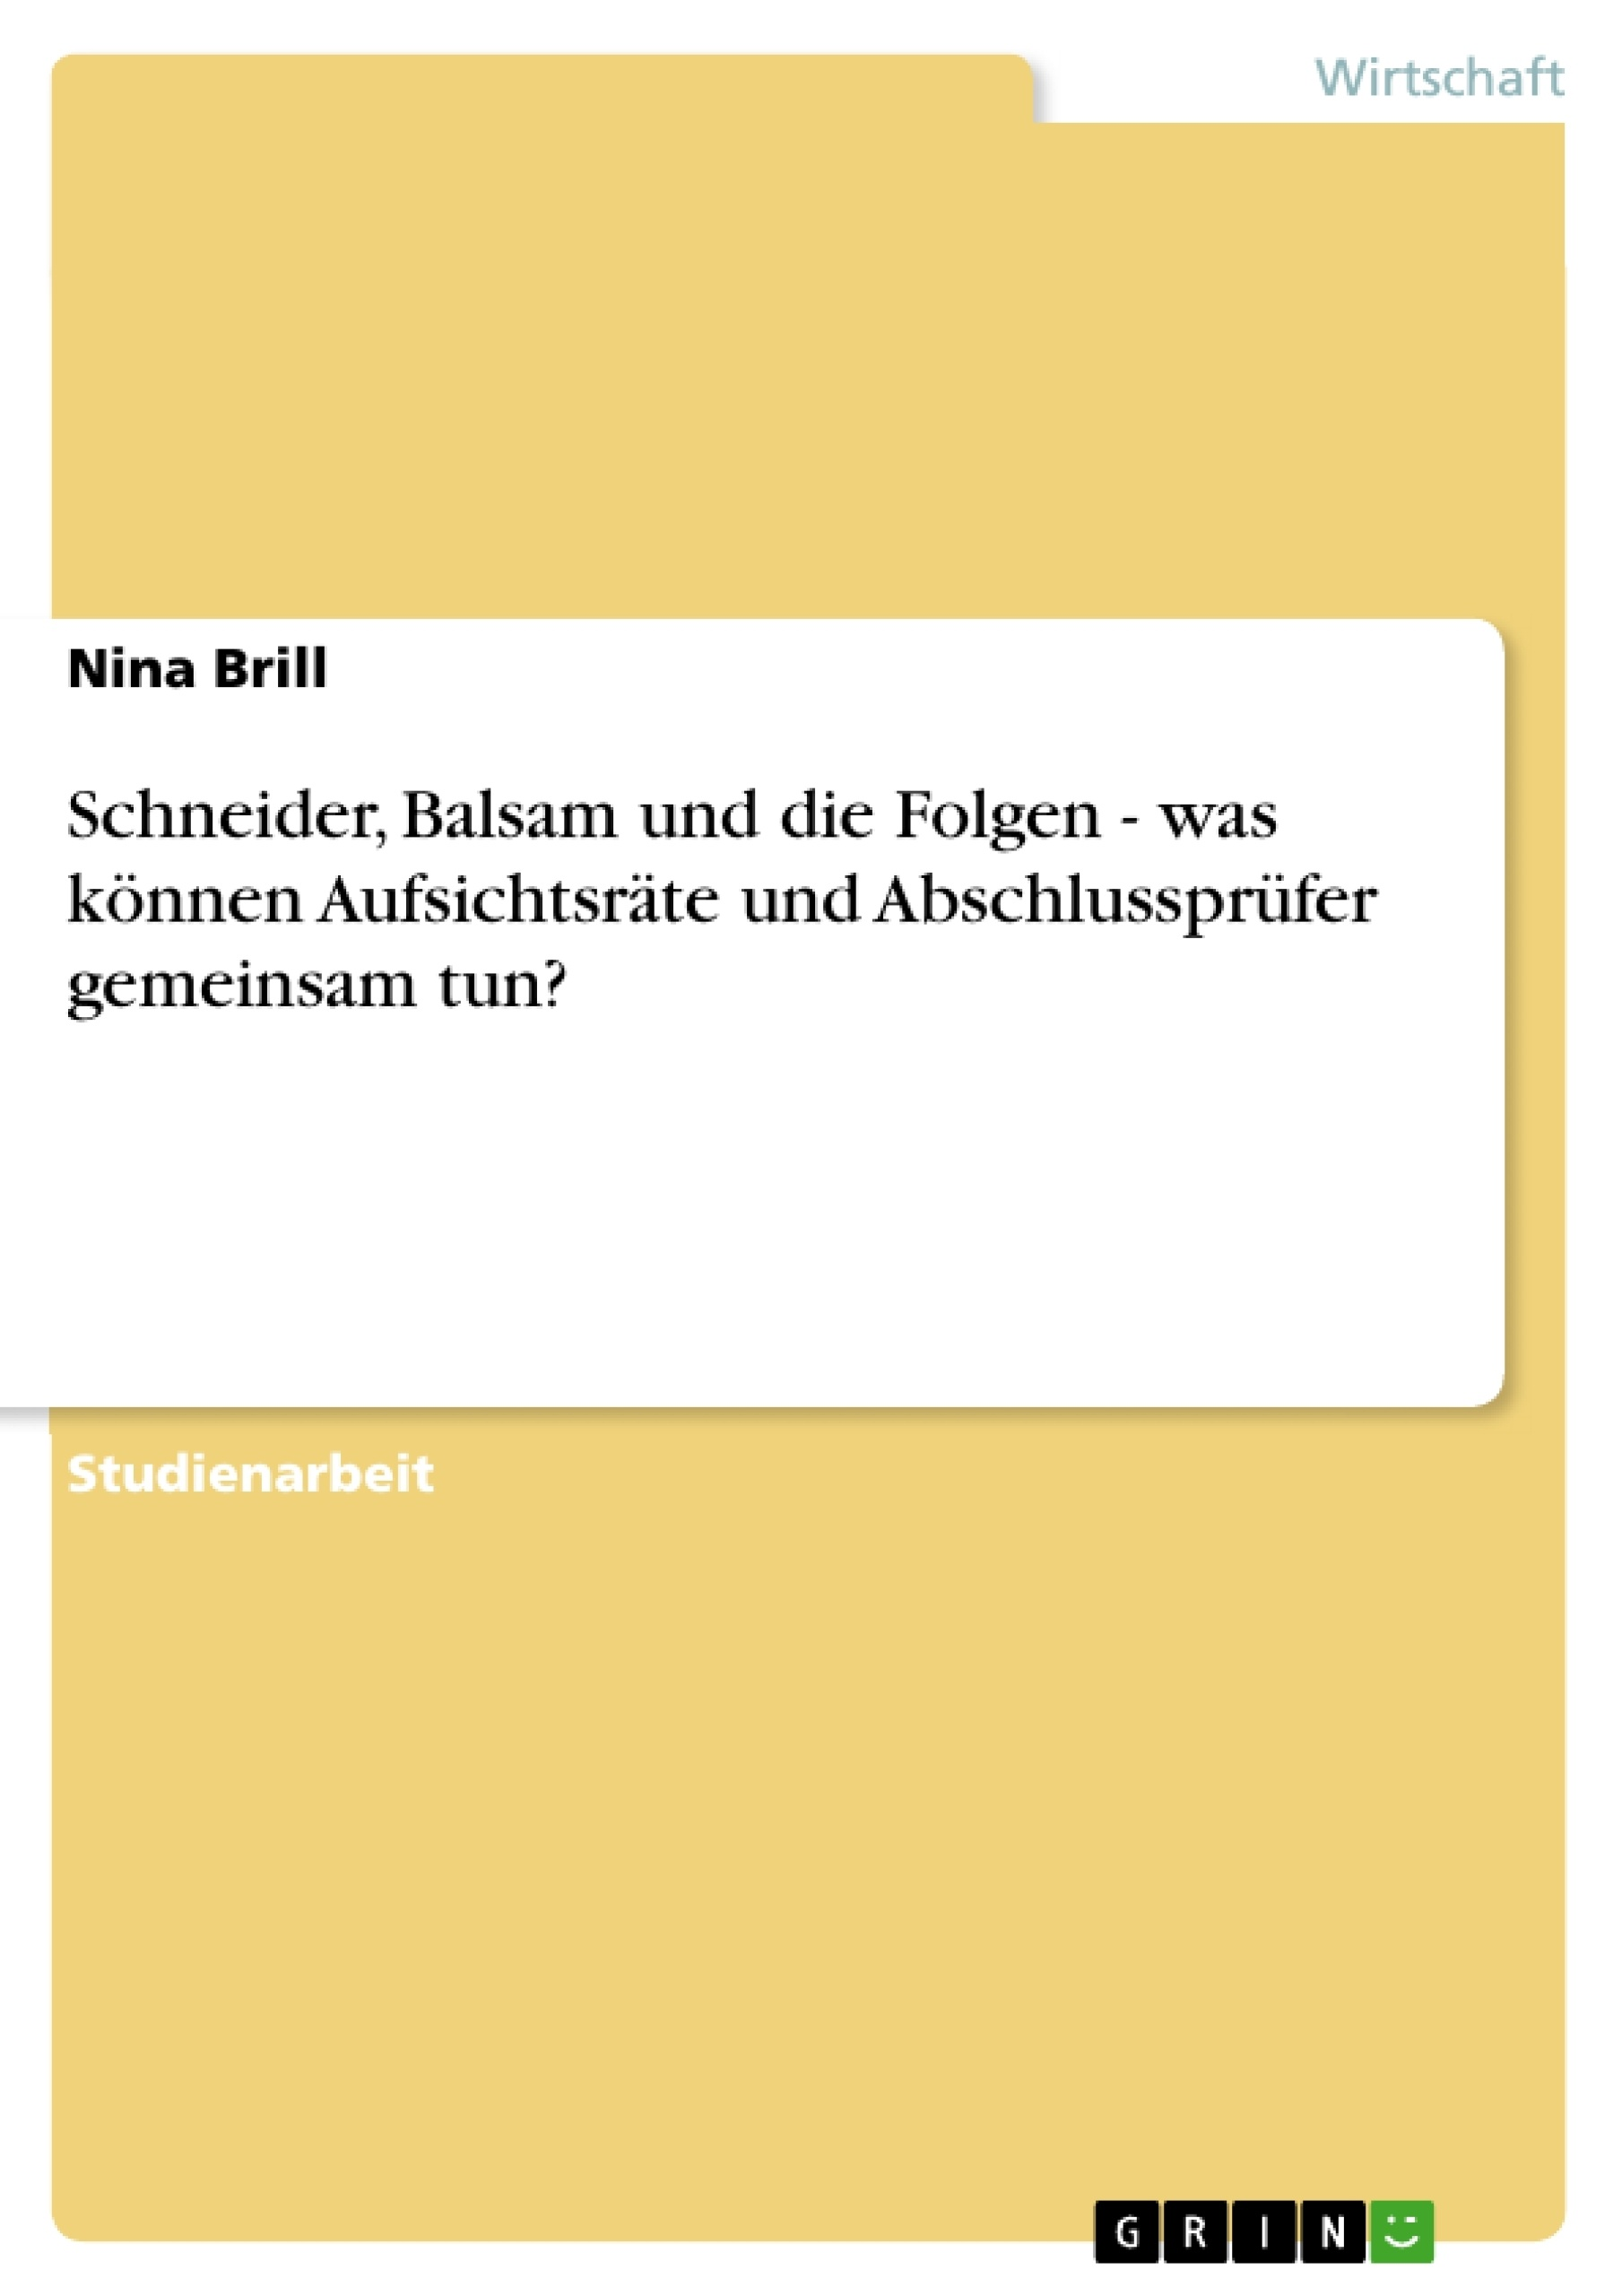 Titel: Schneider, Balsam und die Folgen - was können Aufsichtsräte und Abschlussprüfer gemeinsam tun?